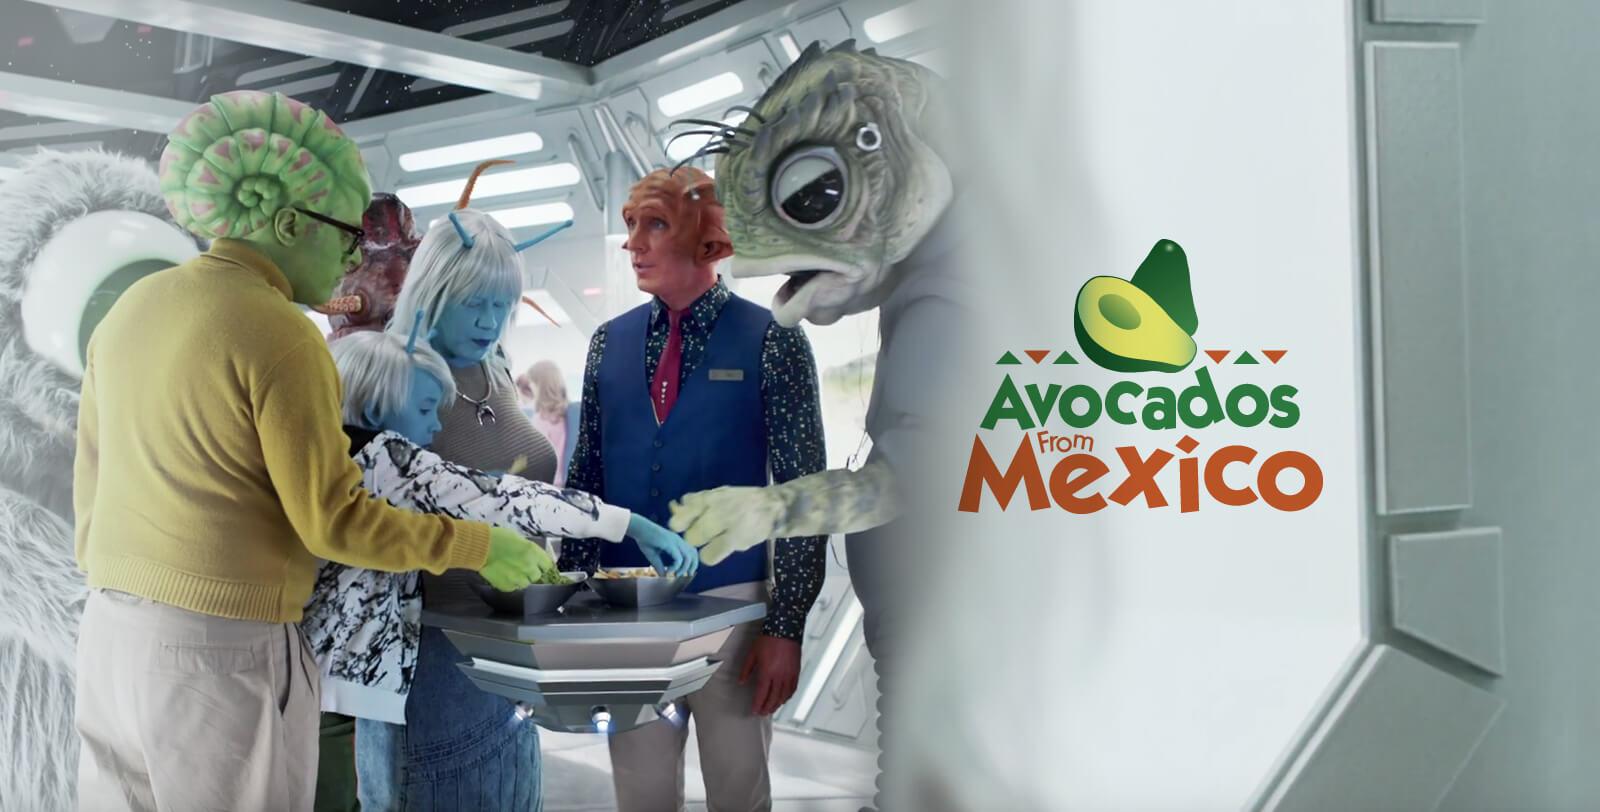 Las fuertes inversiones en marketing, harán que el aguacate mexicano esté por tercer año consecutivo al lado de los anunciantes más reconocidos del Super Bowl 51°